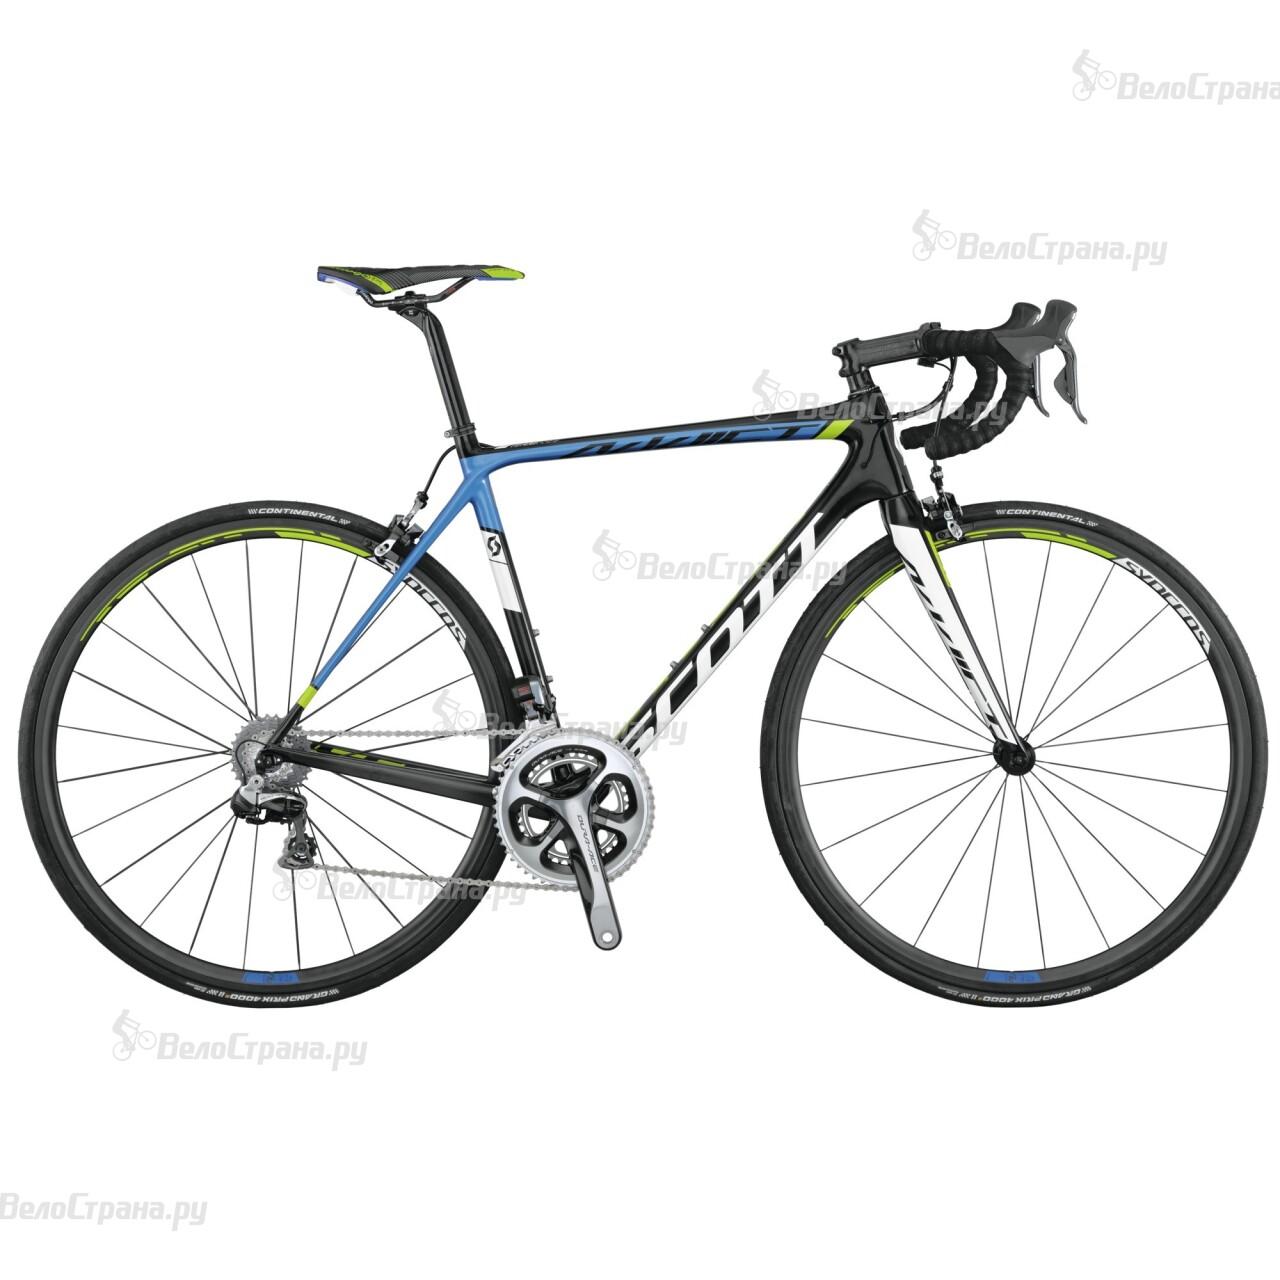 Велосипед Scott Addict Team Issue DI2 (2015) scott addict sl compact 2015